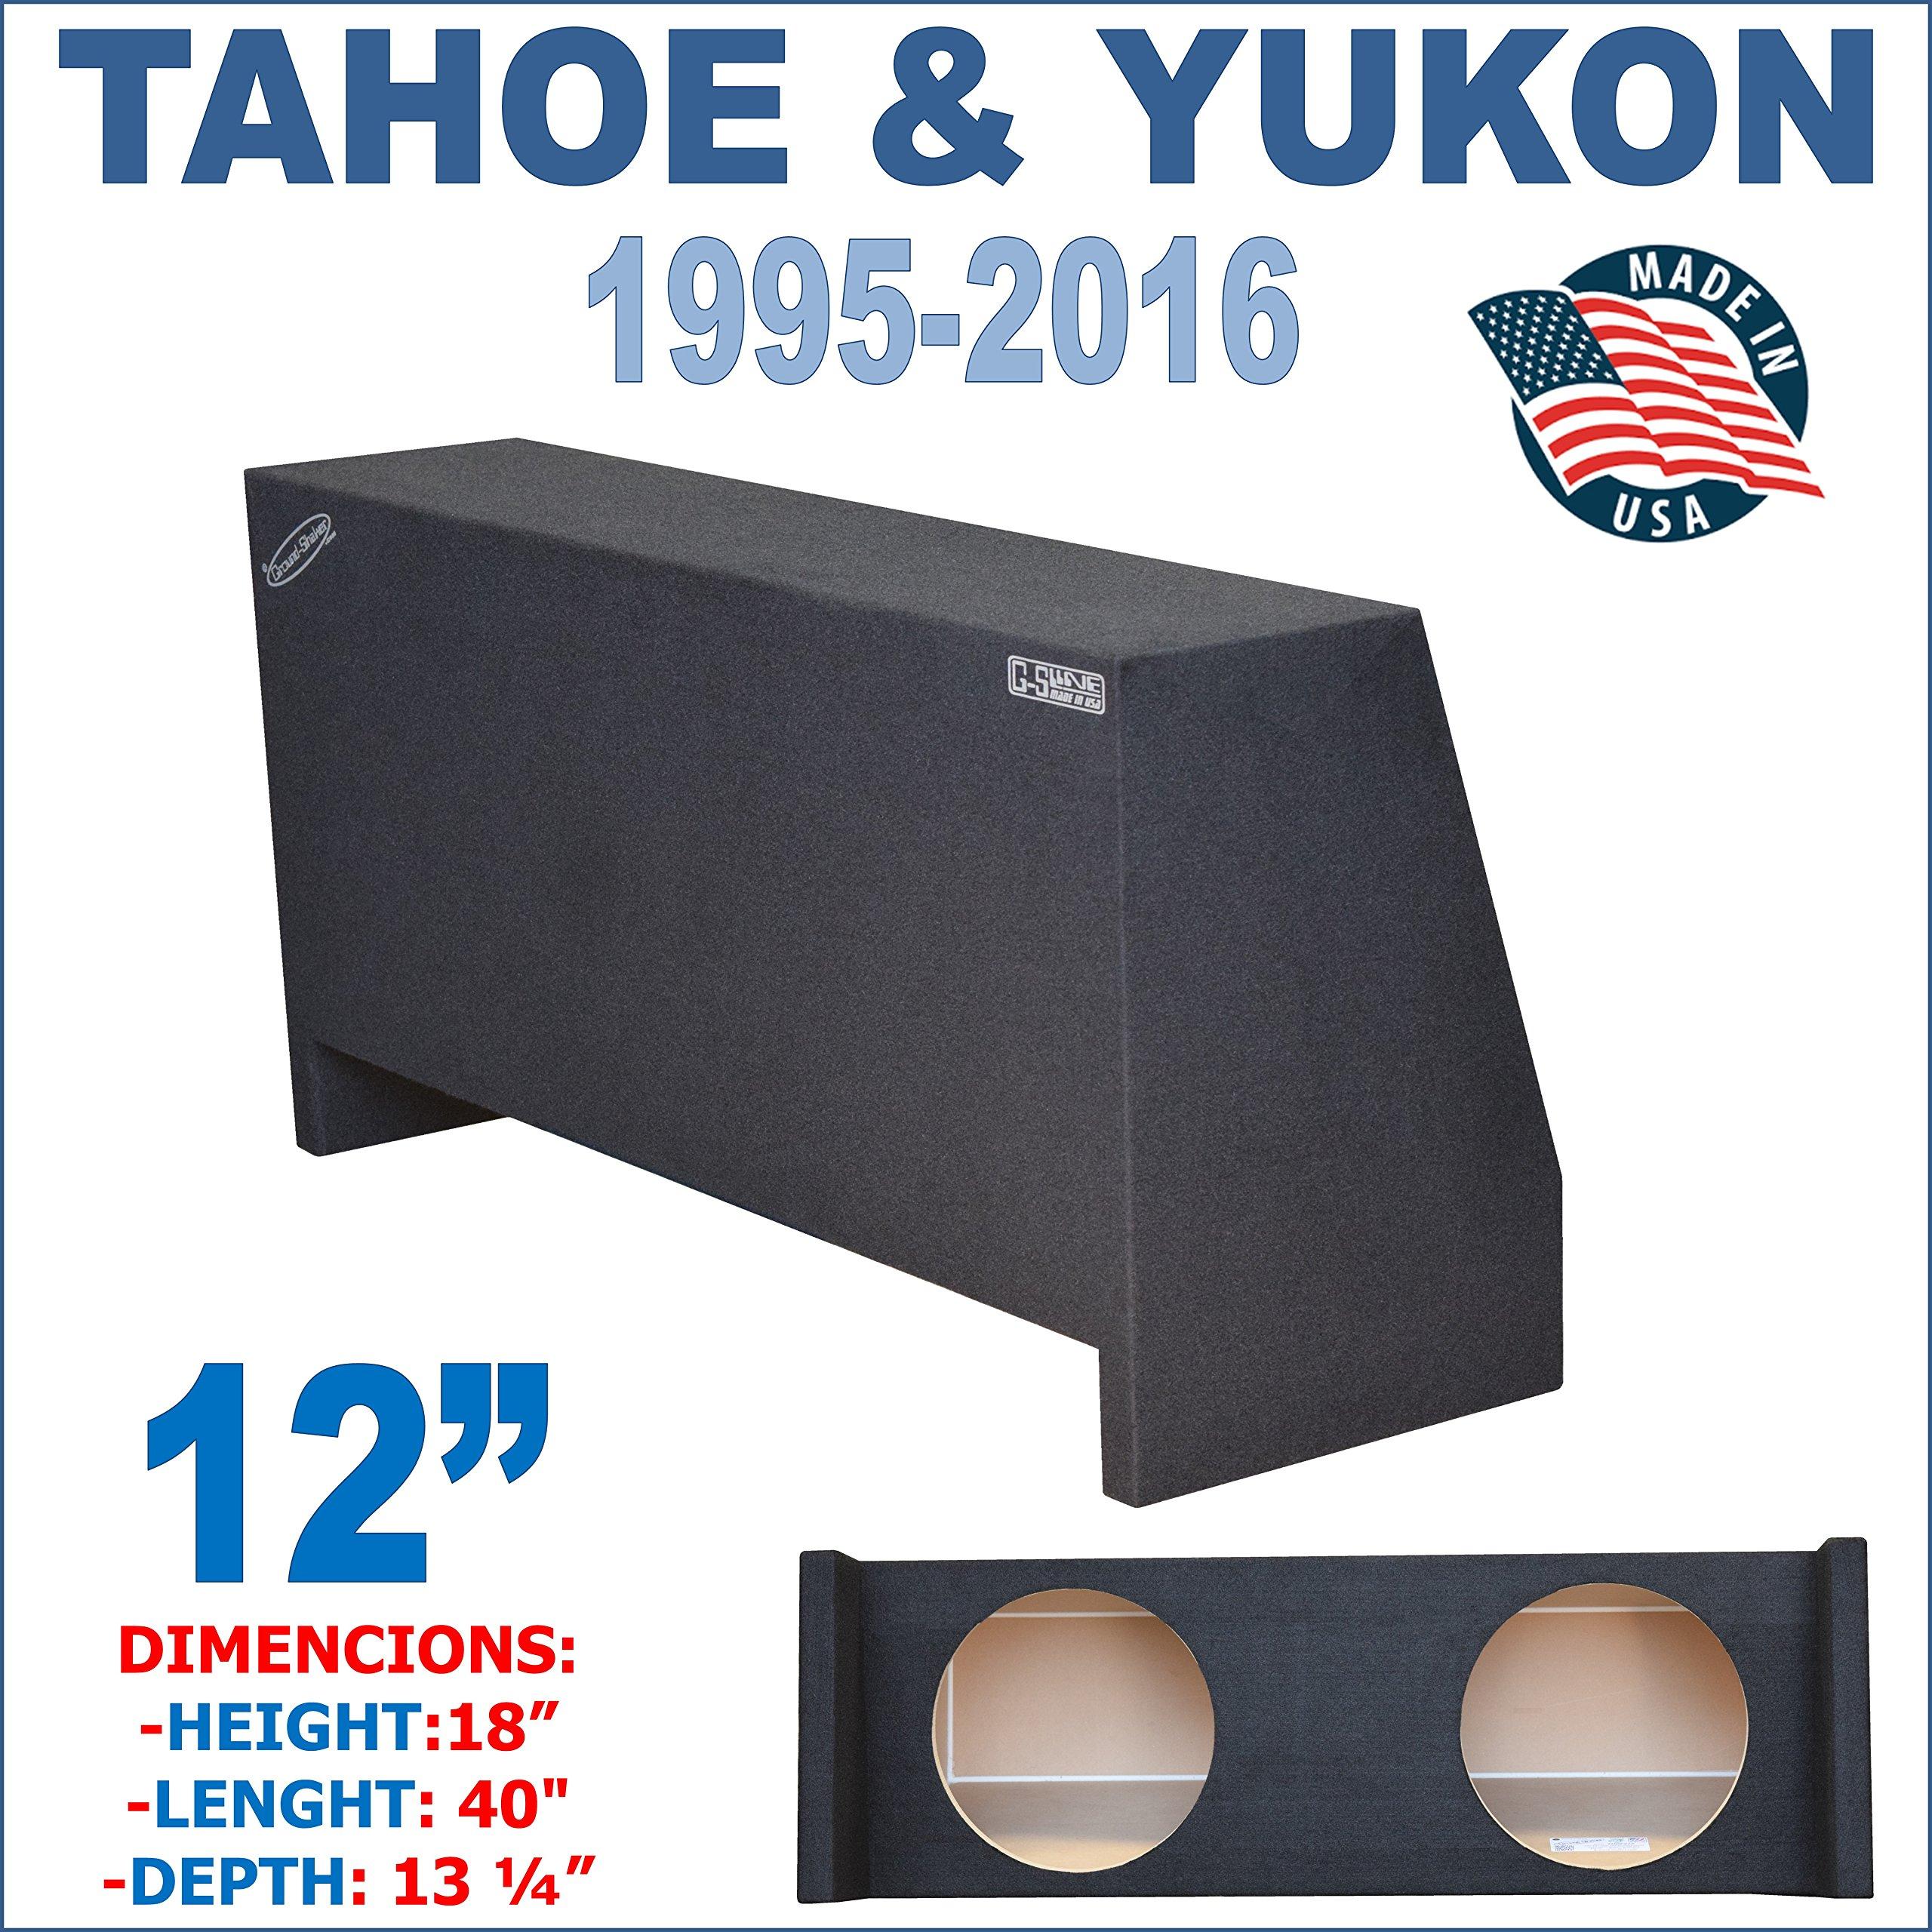 12'' Dual Sealed Sub Box, Fits CHEVY-TAHOE And GMC-YUKON1995-2016